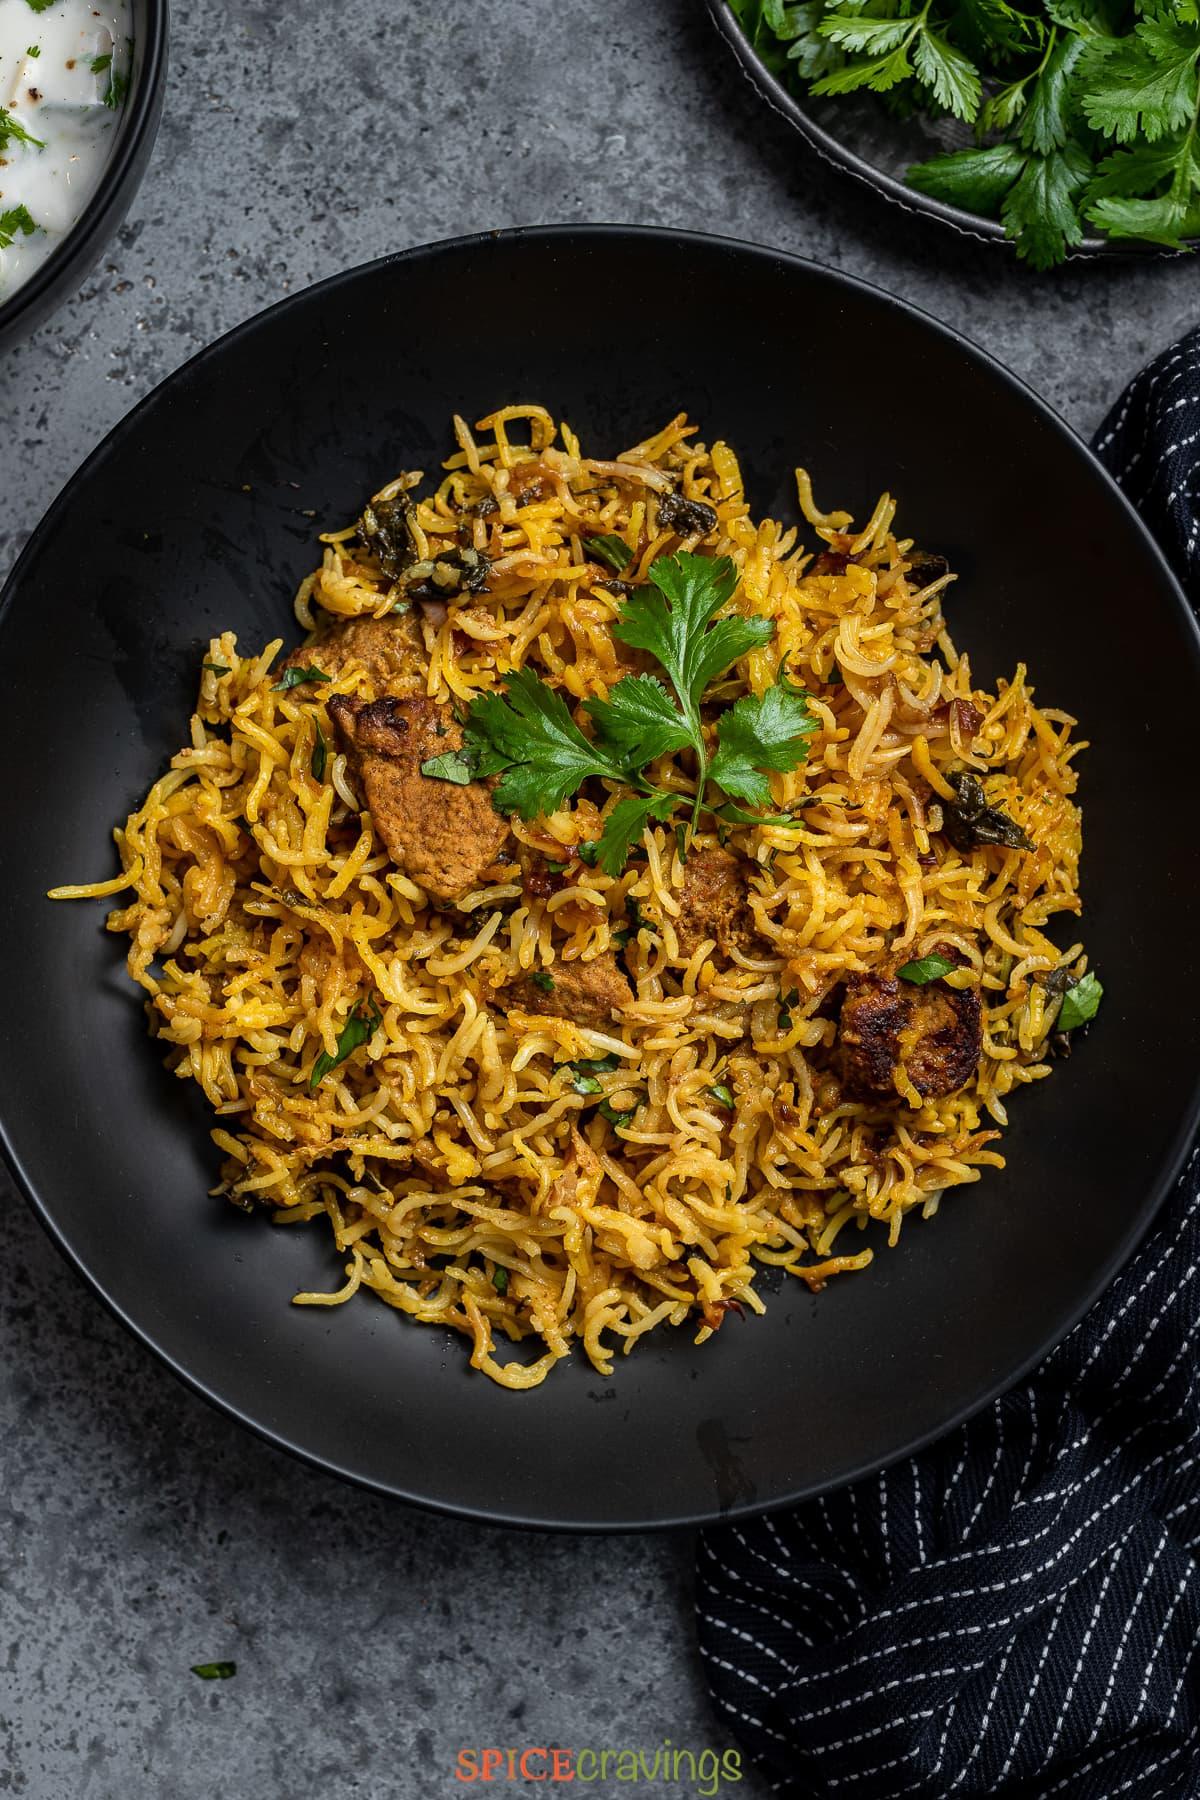 Lamb and rice in black bowl